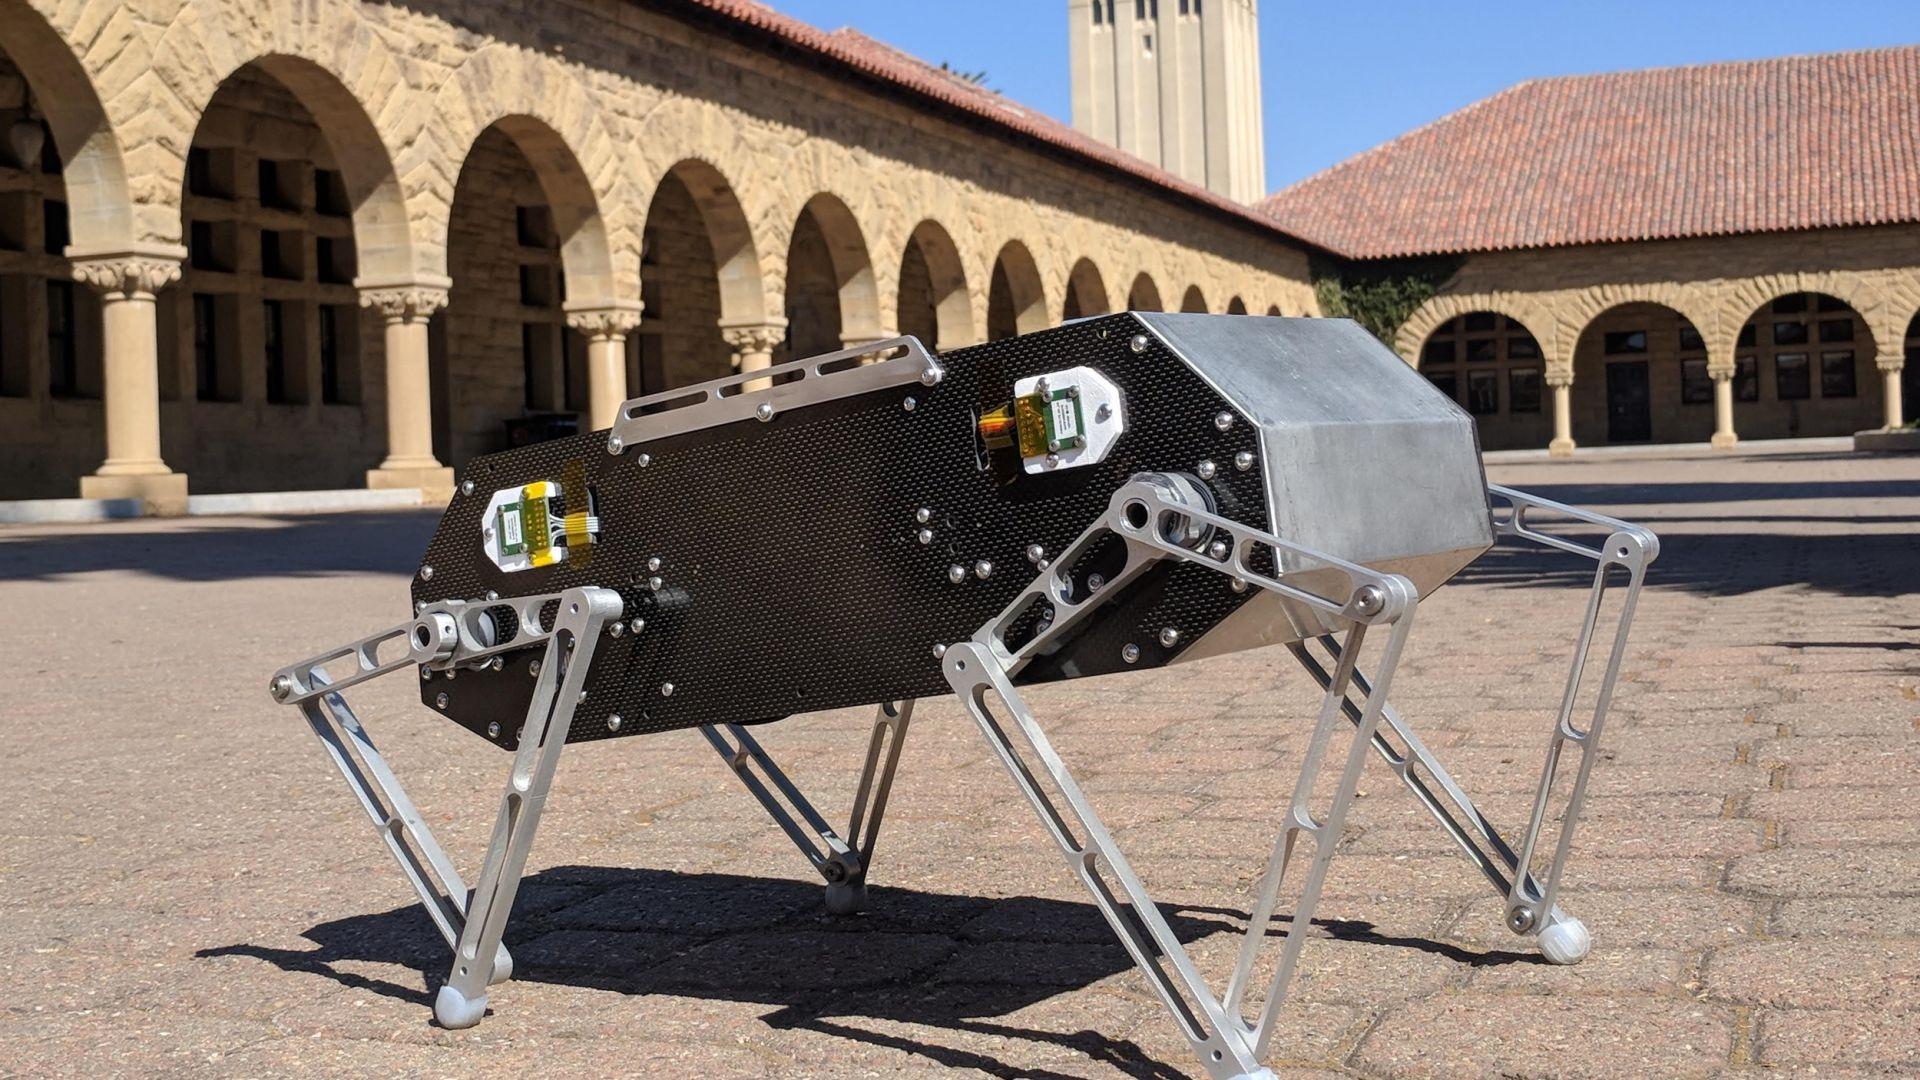 Студенти от Станфорд създадоха удивителен робот (видео)